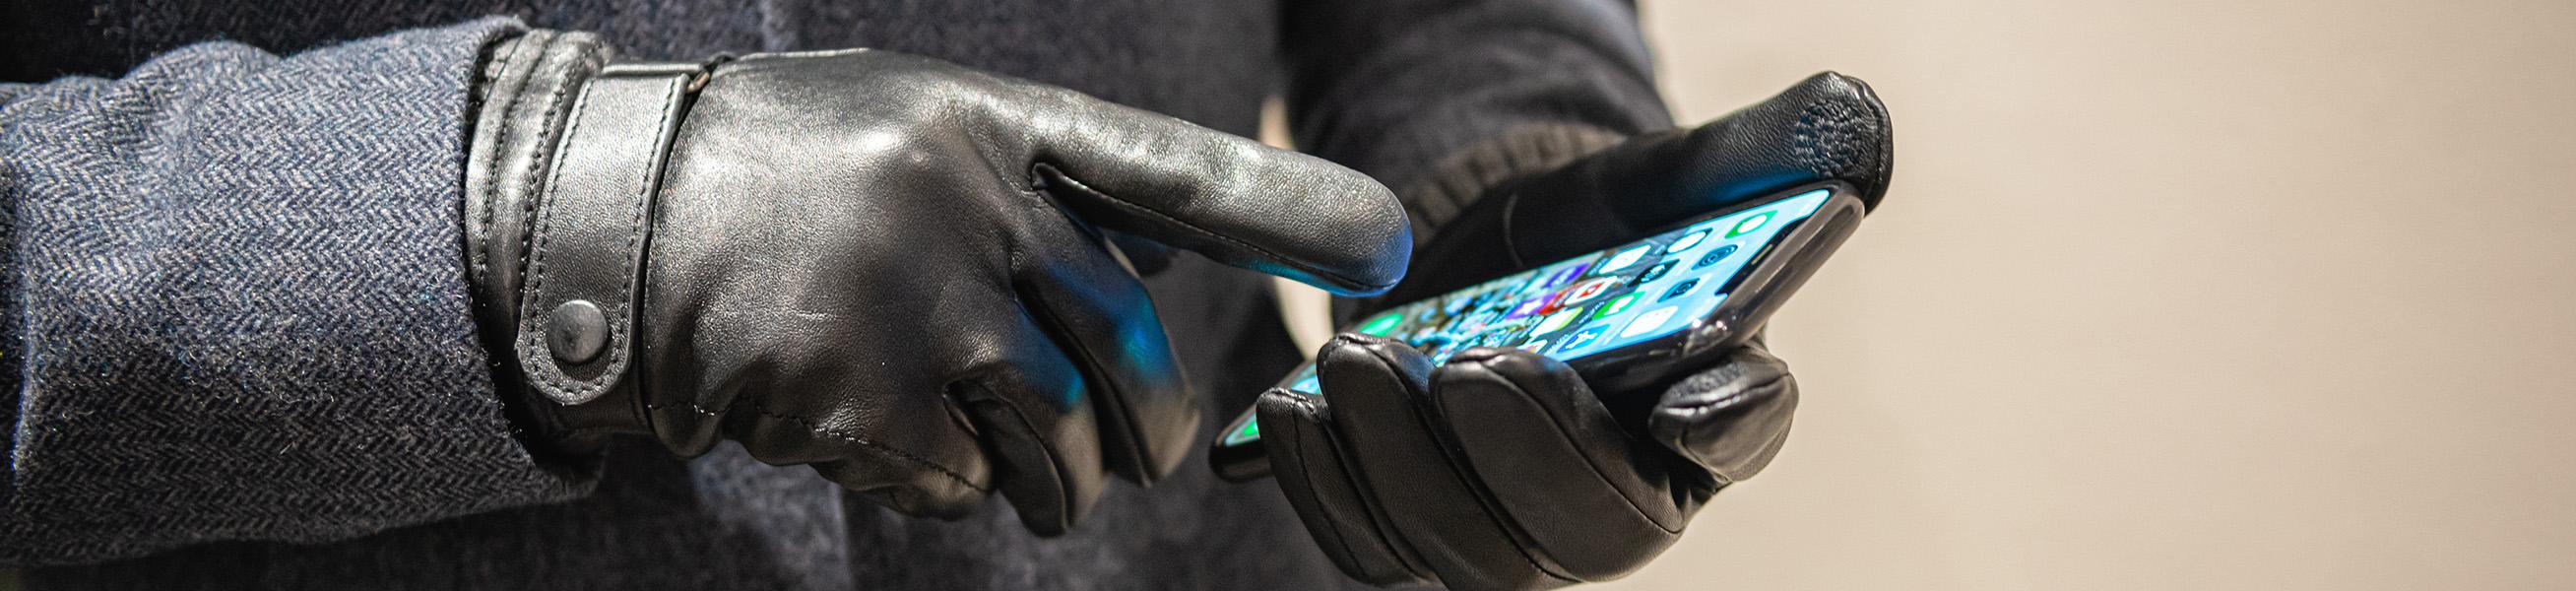 ✔️ Leder-Handschuhe für Herren online kaufen ✔️ auch Wildleder ✔️ Schwarz, weiß u.a. ✔️ Alle Größen ✔️ Schnelle Lieferung ✔️ Trusted Shops Sehr gut (+1500 Bewertungen)